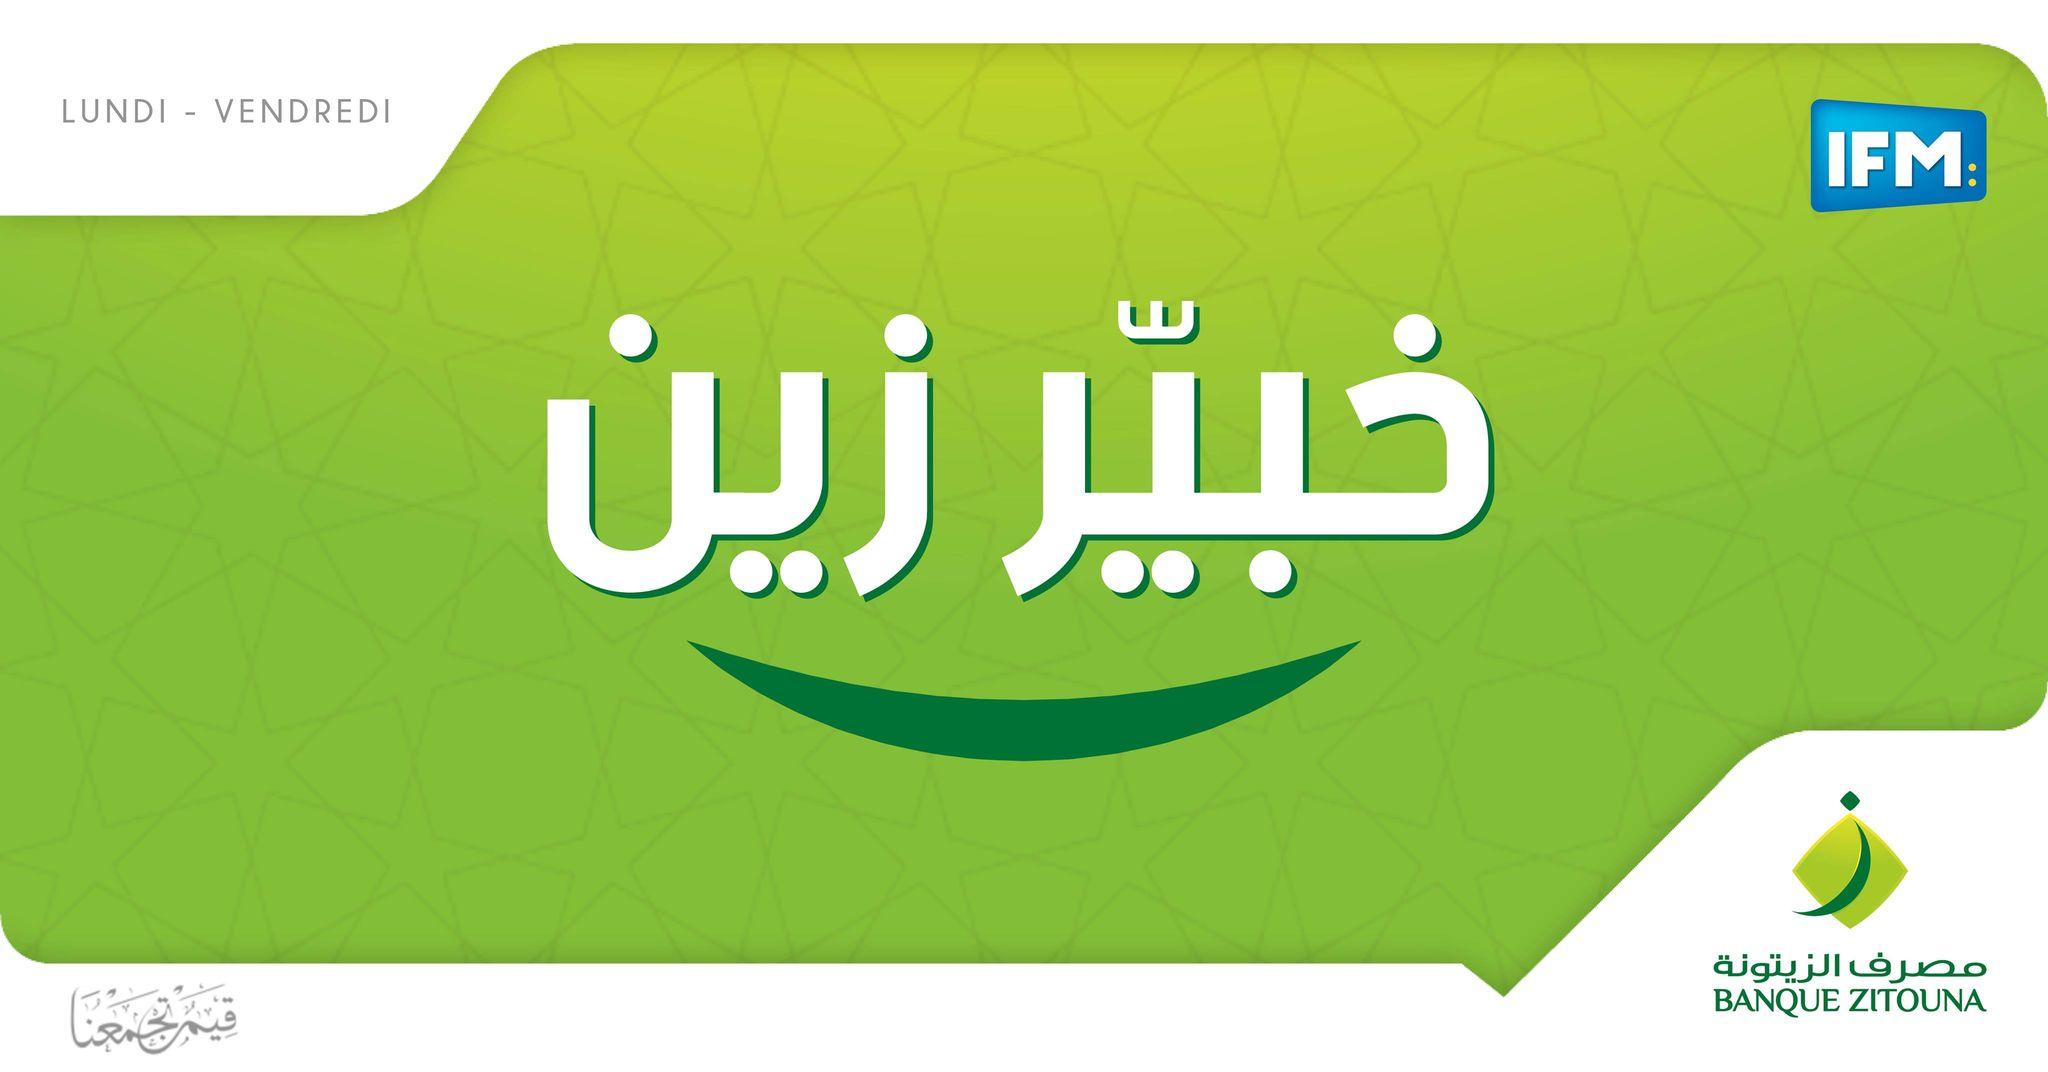 راف ماغ 🌿خبيّر زين مع مصرف الزيتونة🌿🌿خبيّر زين مع مصرف الزيتونة🌿               وزارة التجهيز والاسكان أول مؤسسة عمومية تونسية تقتني السيارات التونسيّة wallyscar